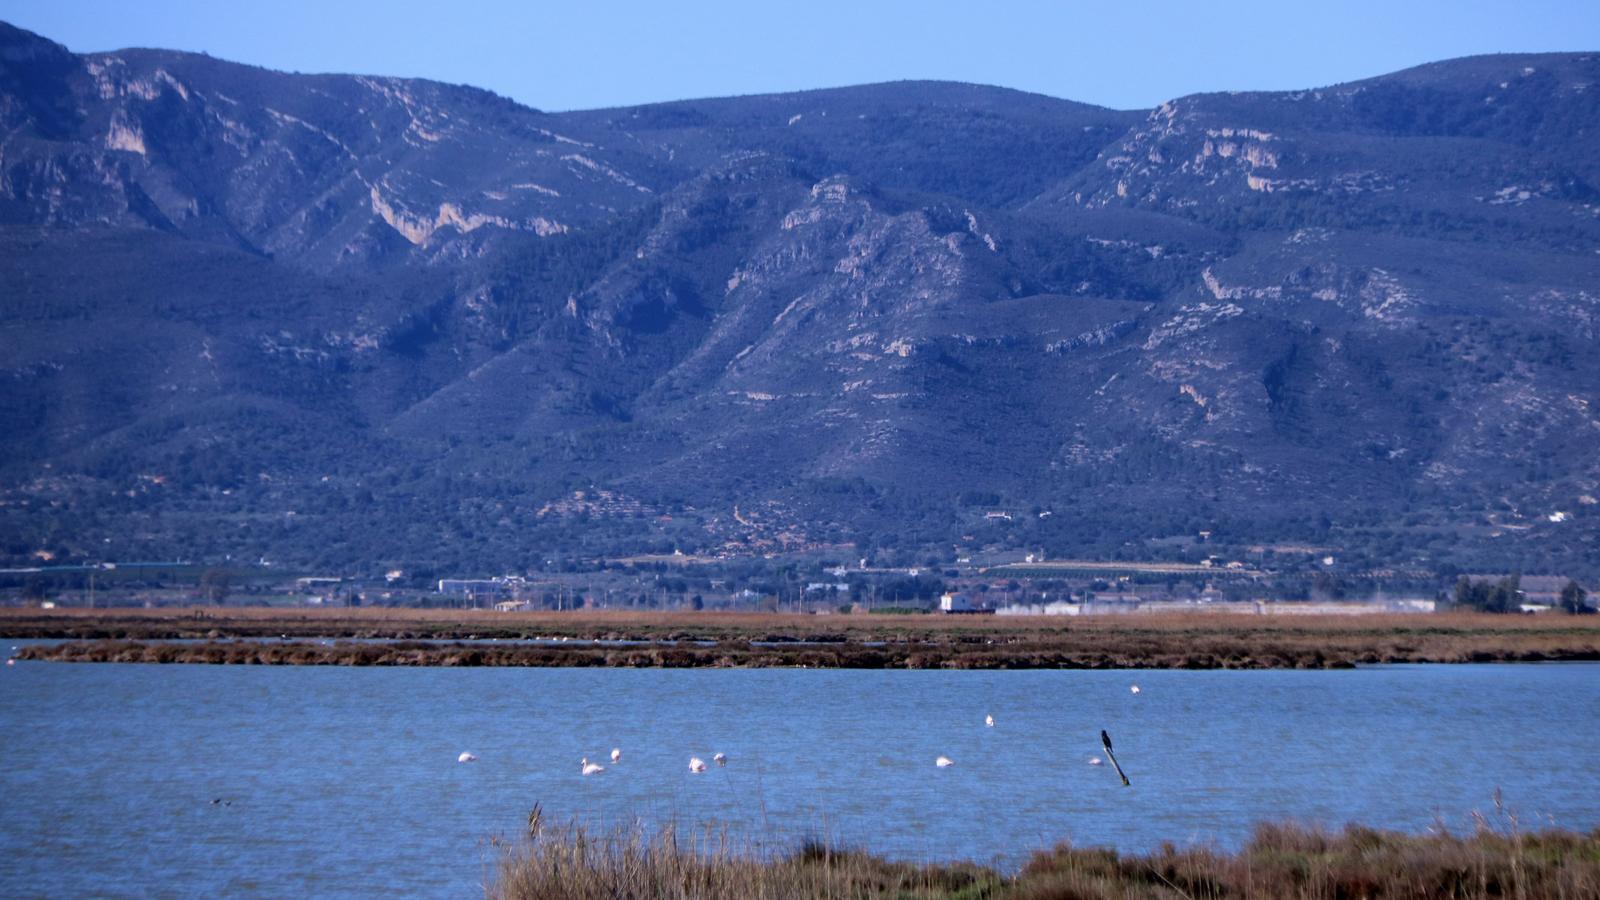 Flamencs a la llacuna de l'Encanyissada, al delta de l'Ebre, aquest dimecres